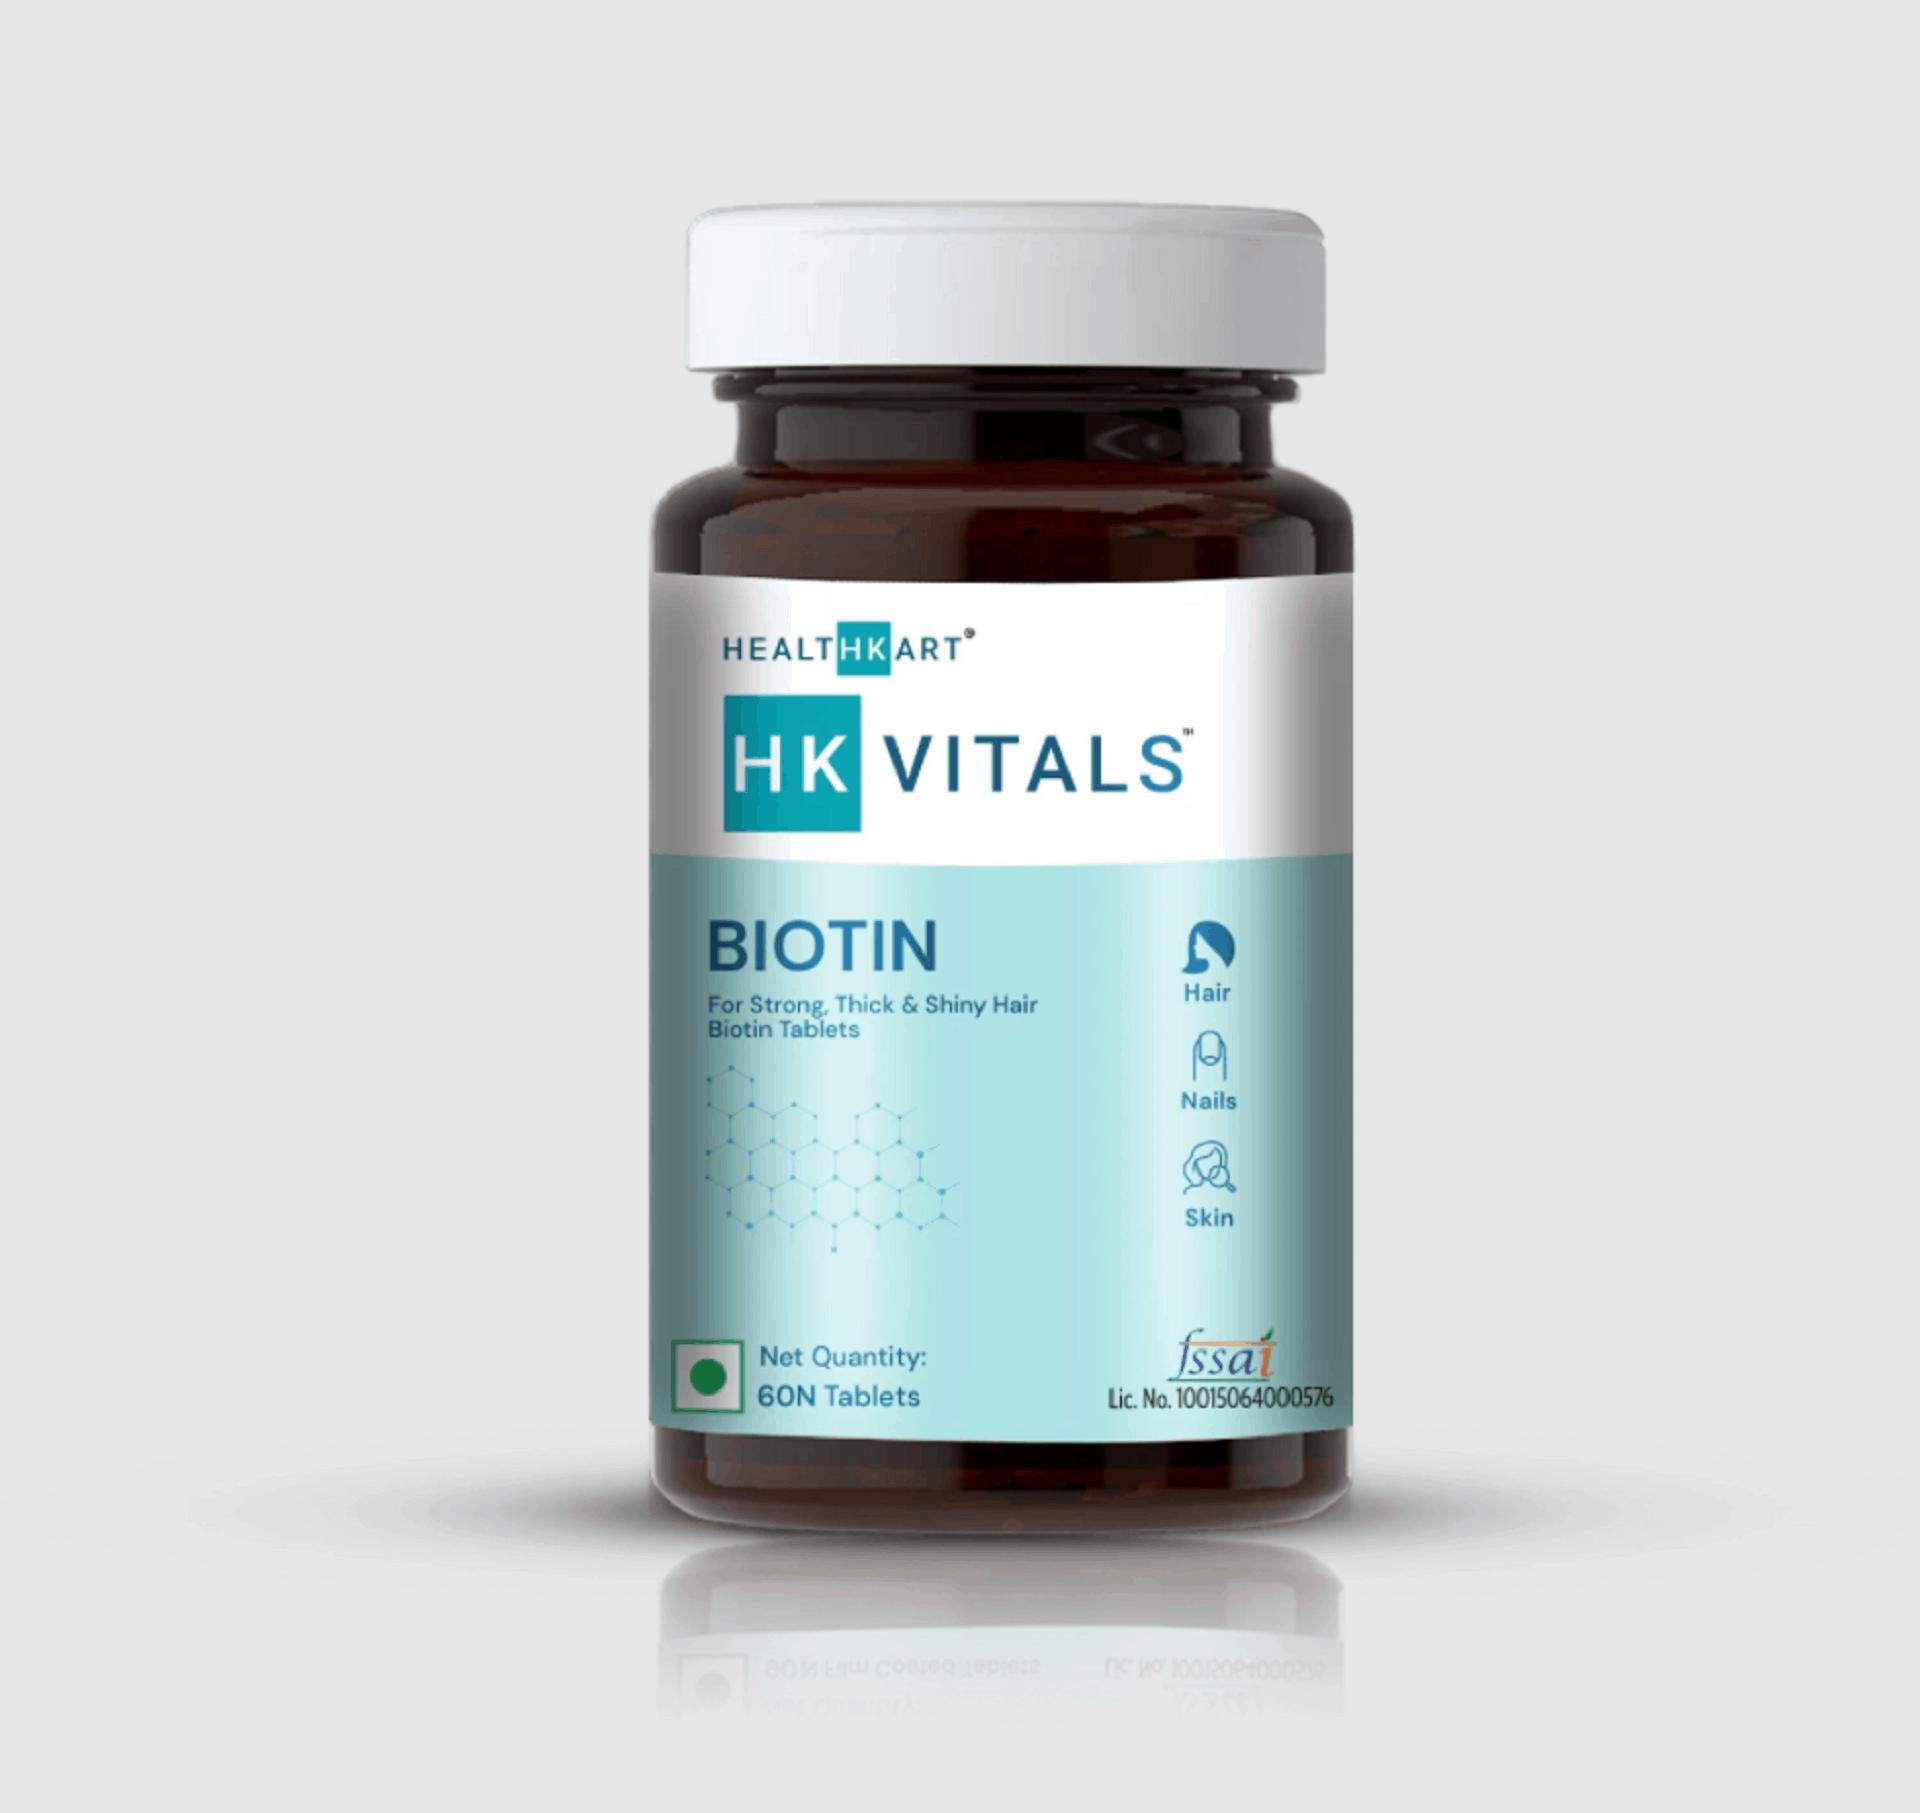 HK biotin